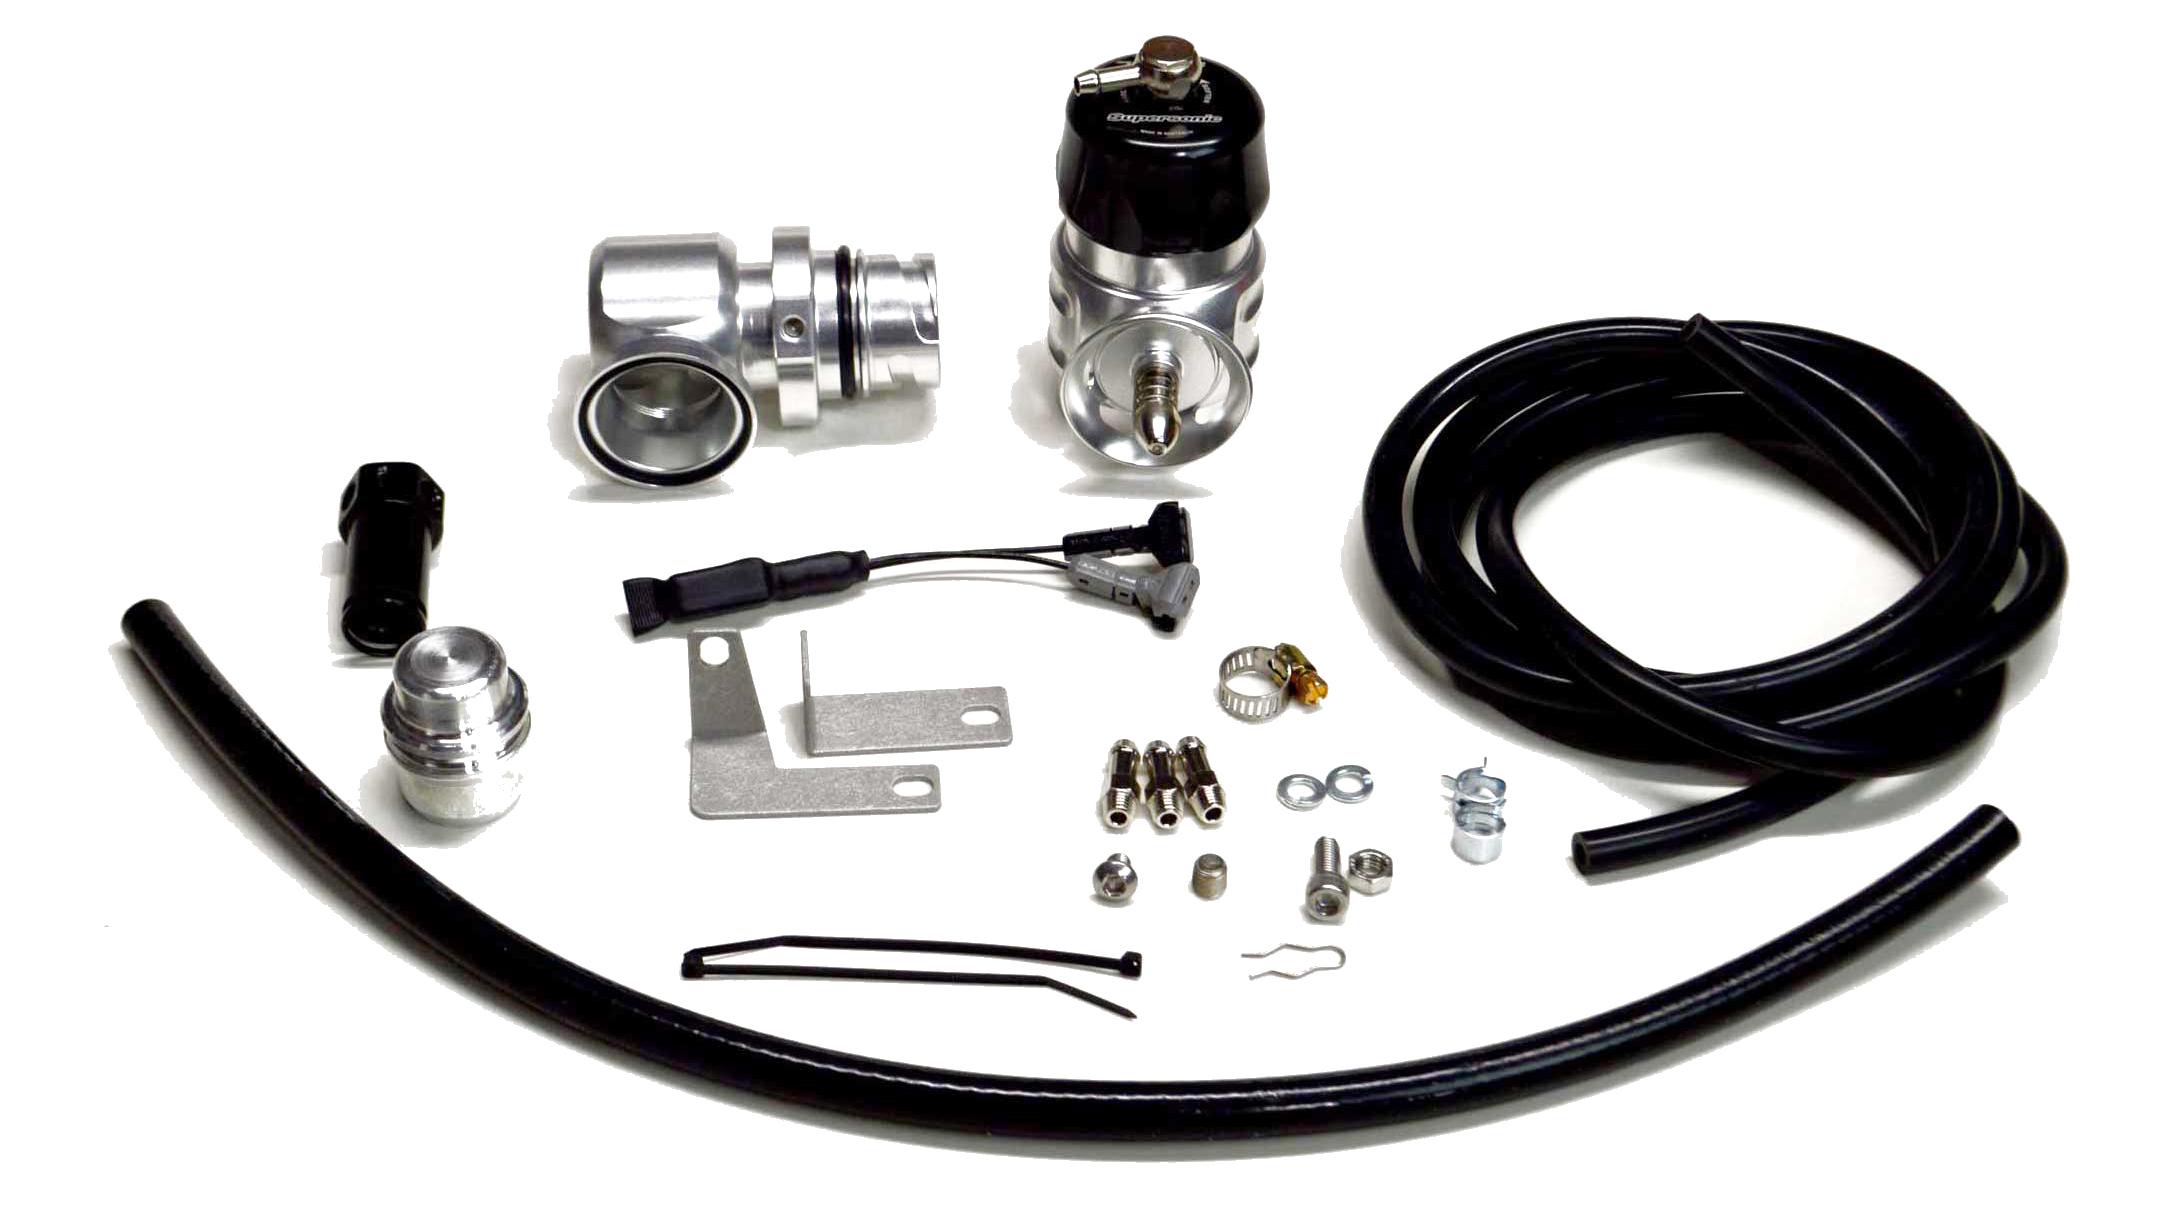 Turbosmart Usa BOV SmartPort Supersonic Ford F150 13-UP 2.7/3.5L